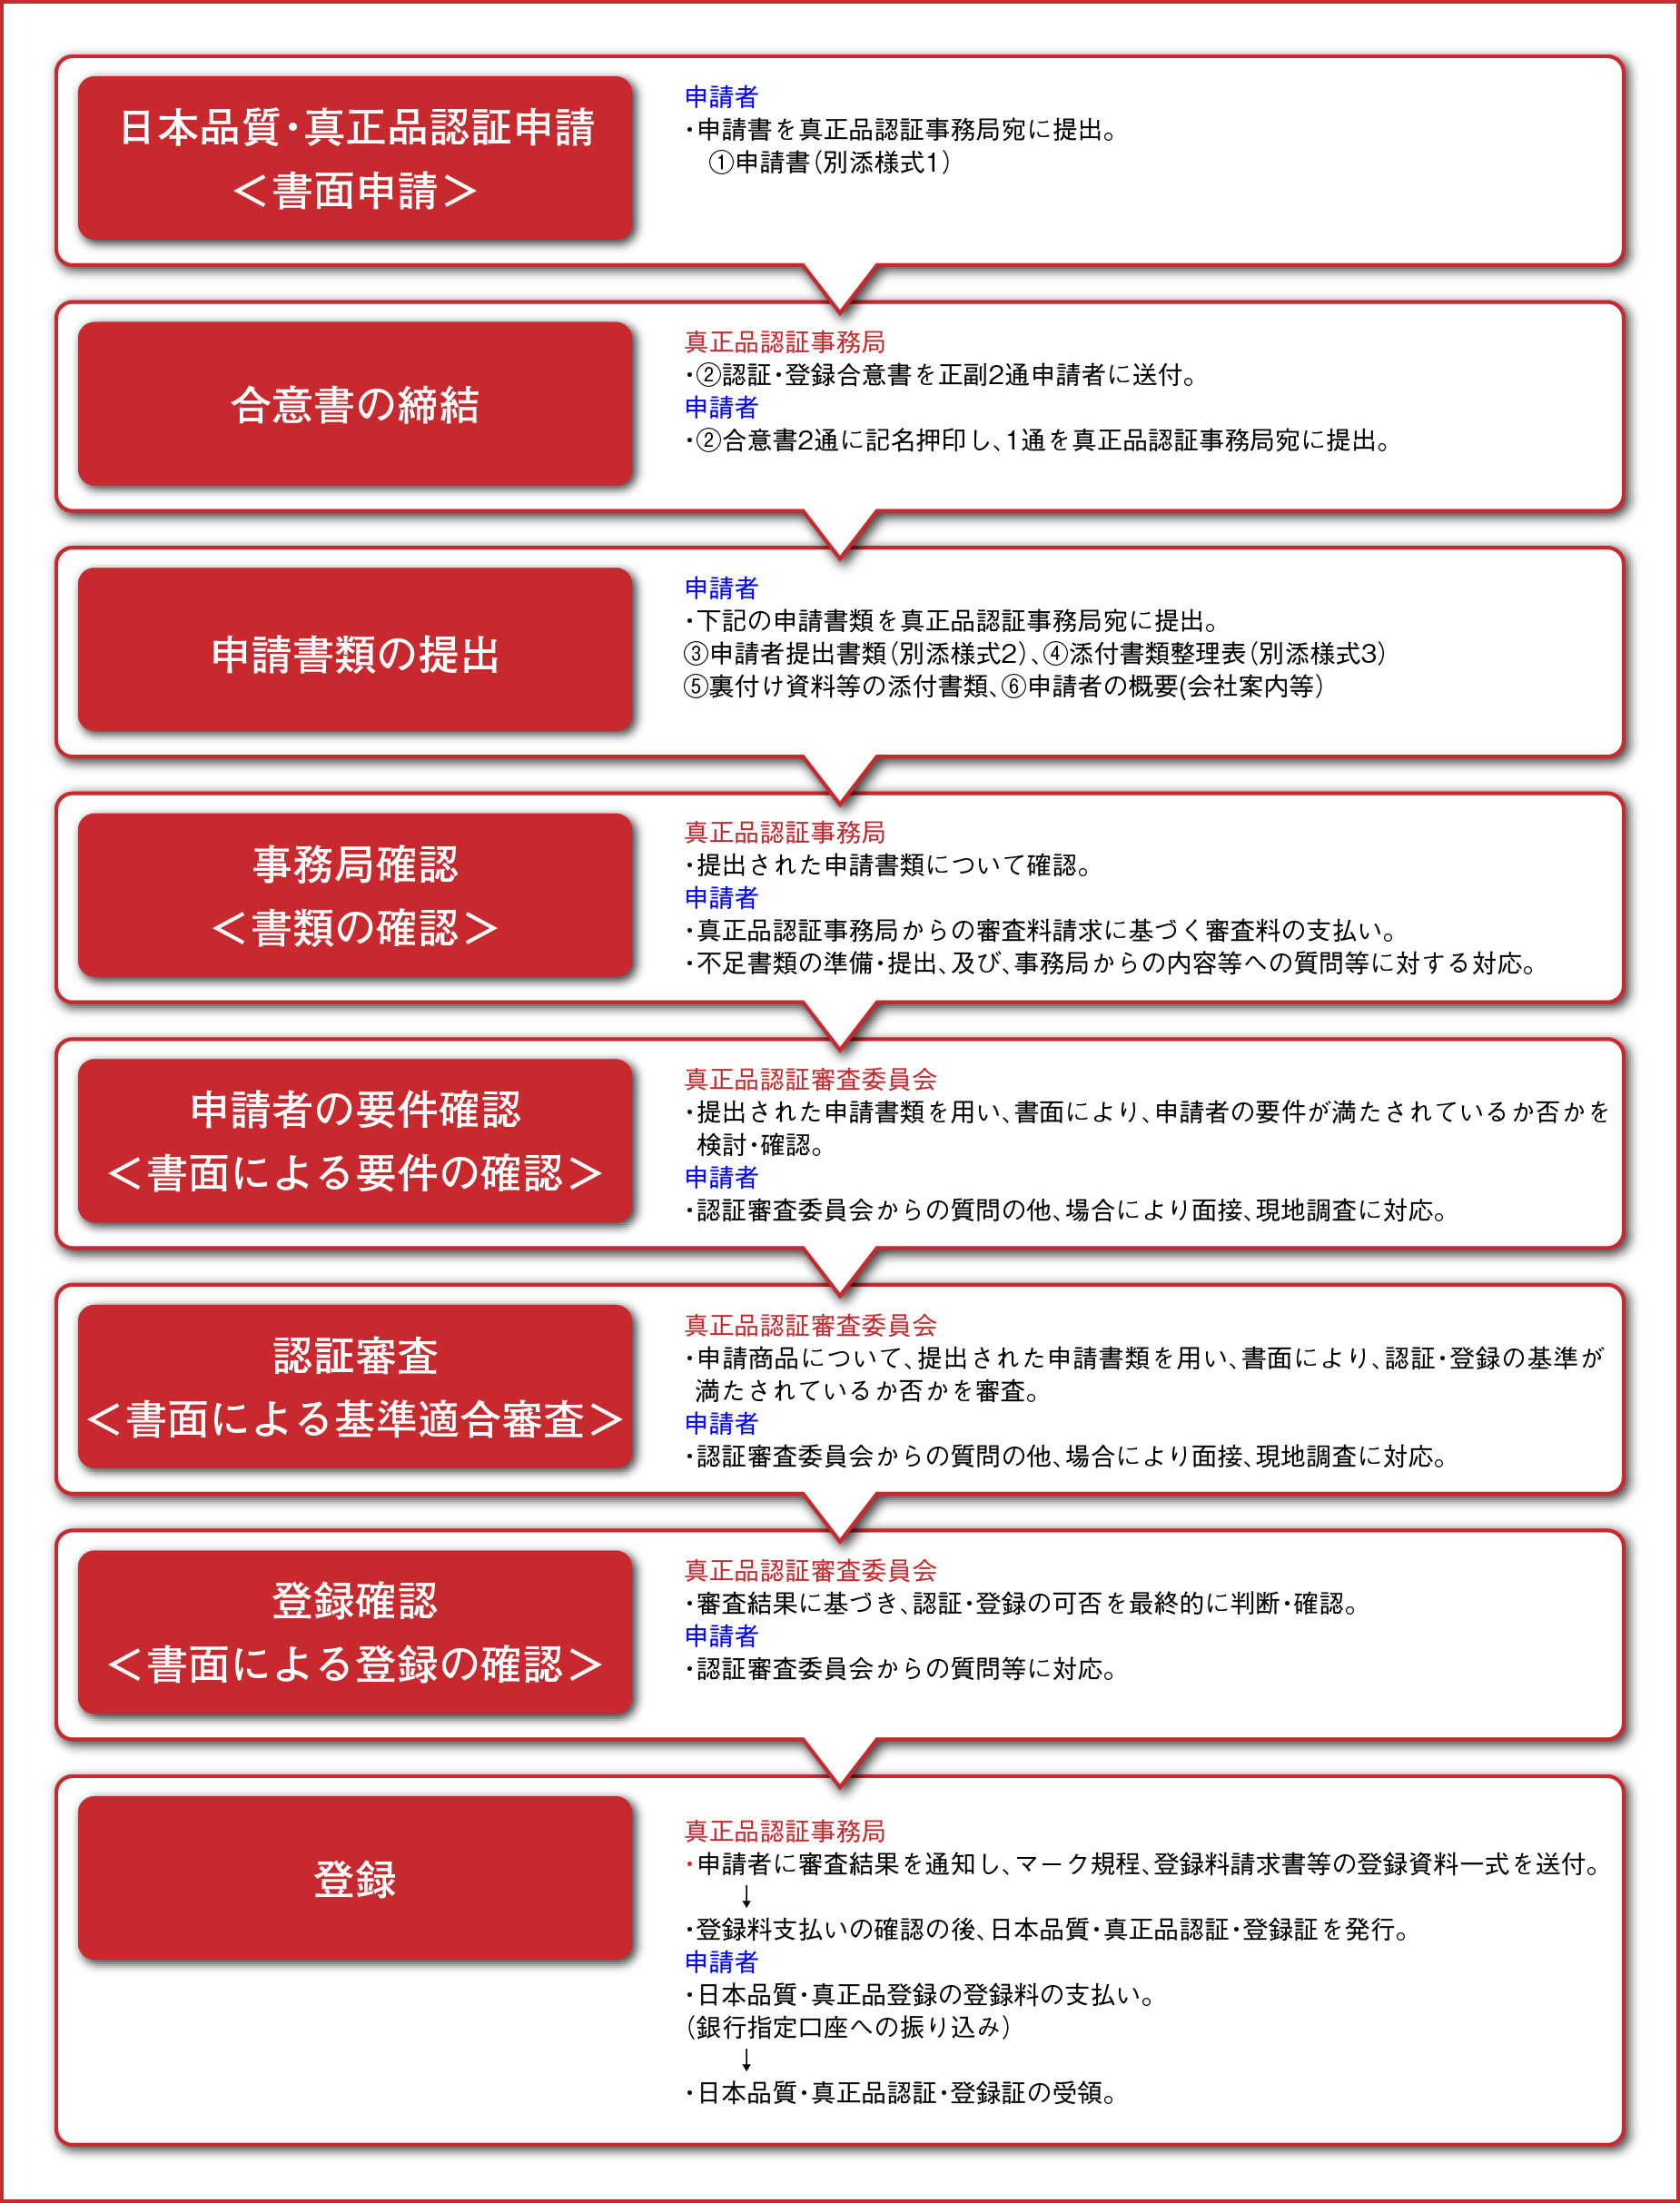 イメージ画像:申請から認証審査・登録までの流れ